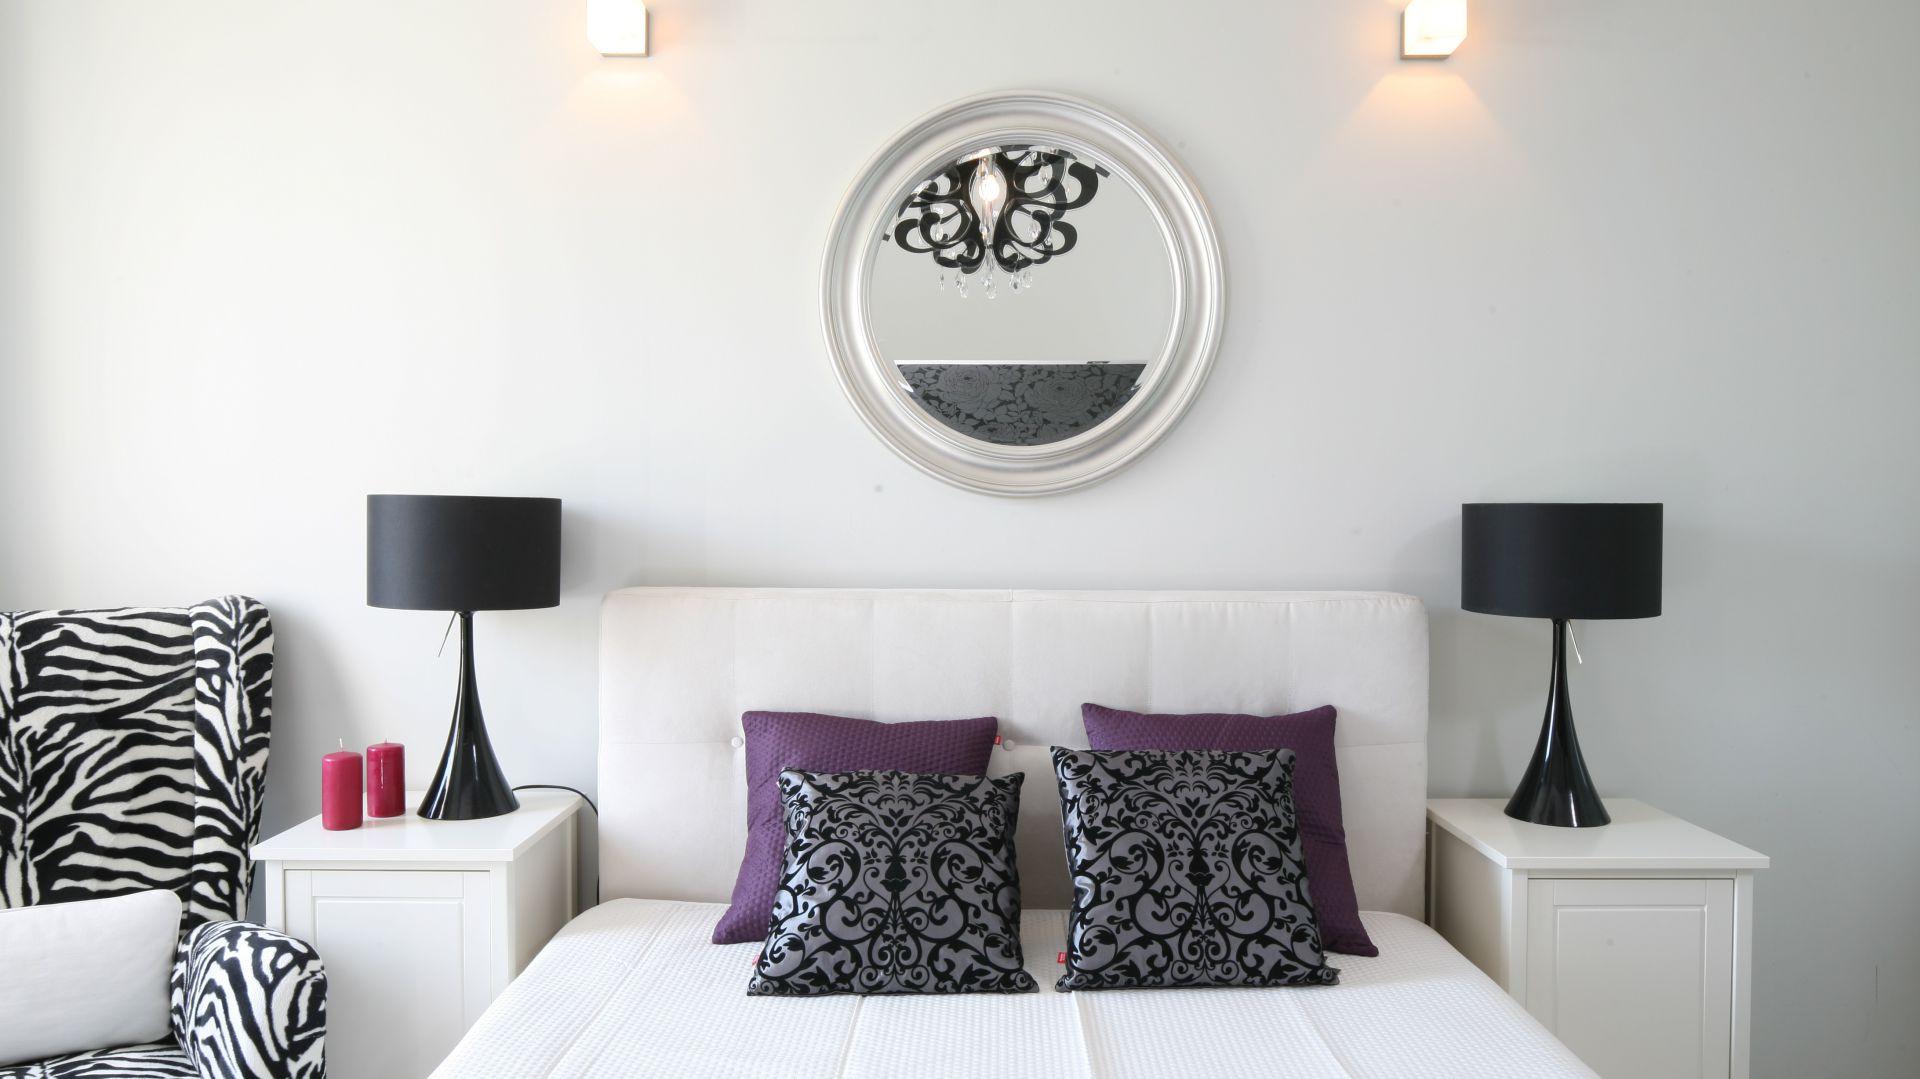 Nad łóżkiem znajduje się okrągłe lustro w dekoracyjnej ramie. Proj.Małgorzata Galewska Fot. Bartosz Jarosz.